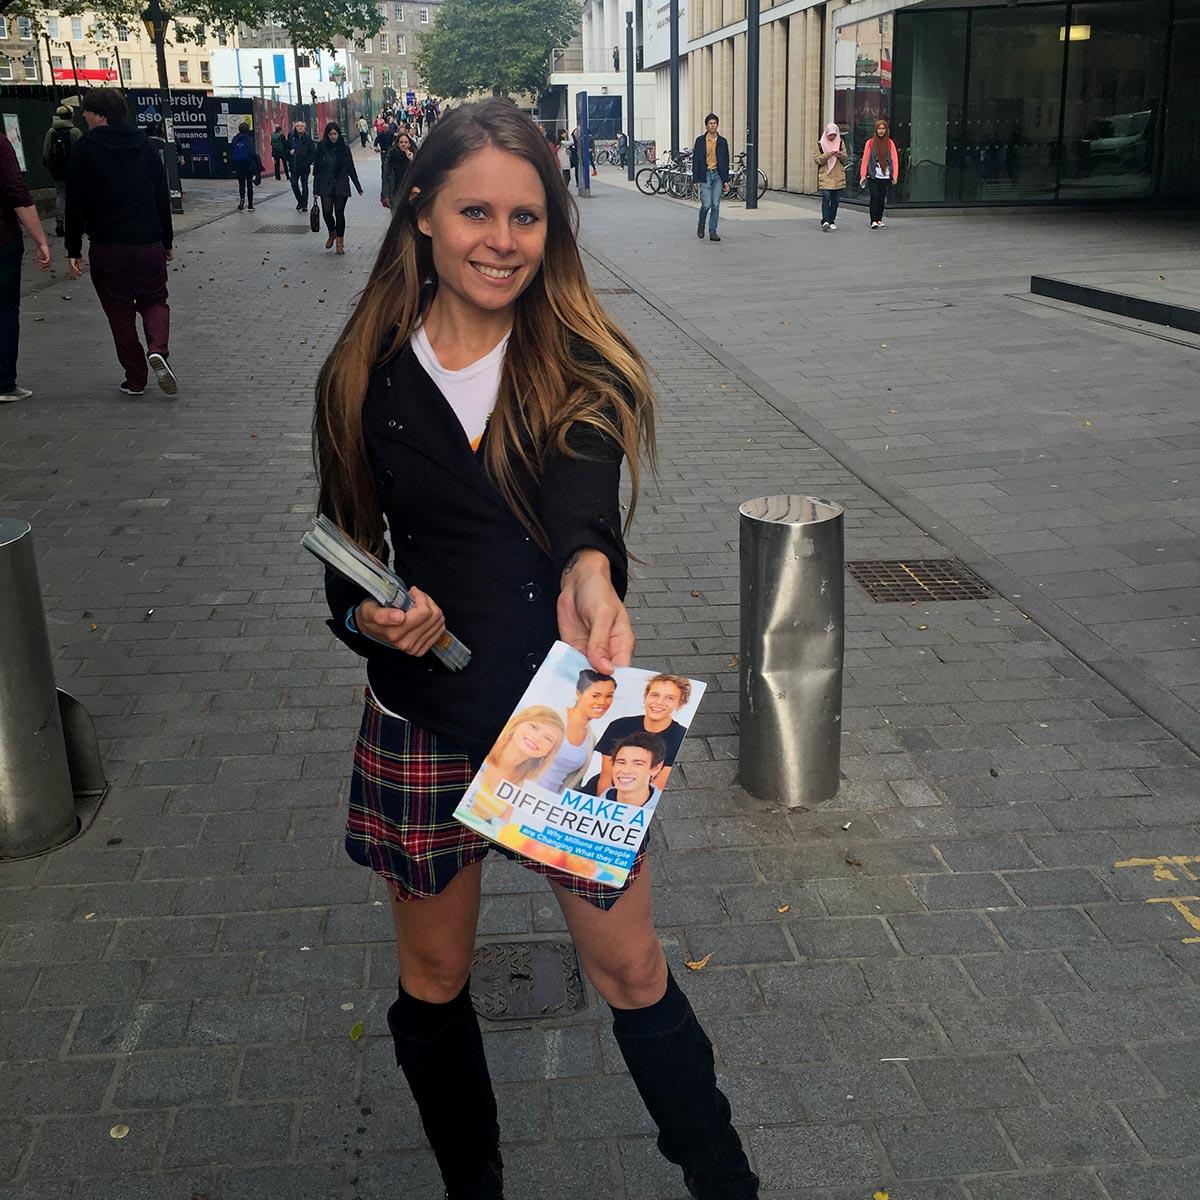 Kim at Edinburgh